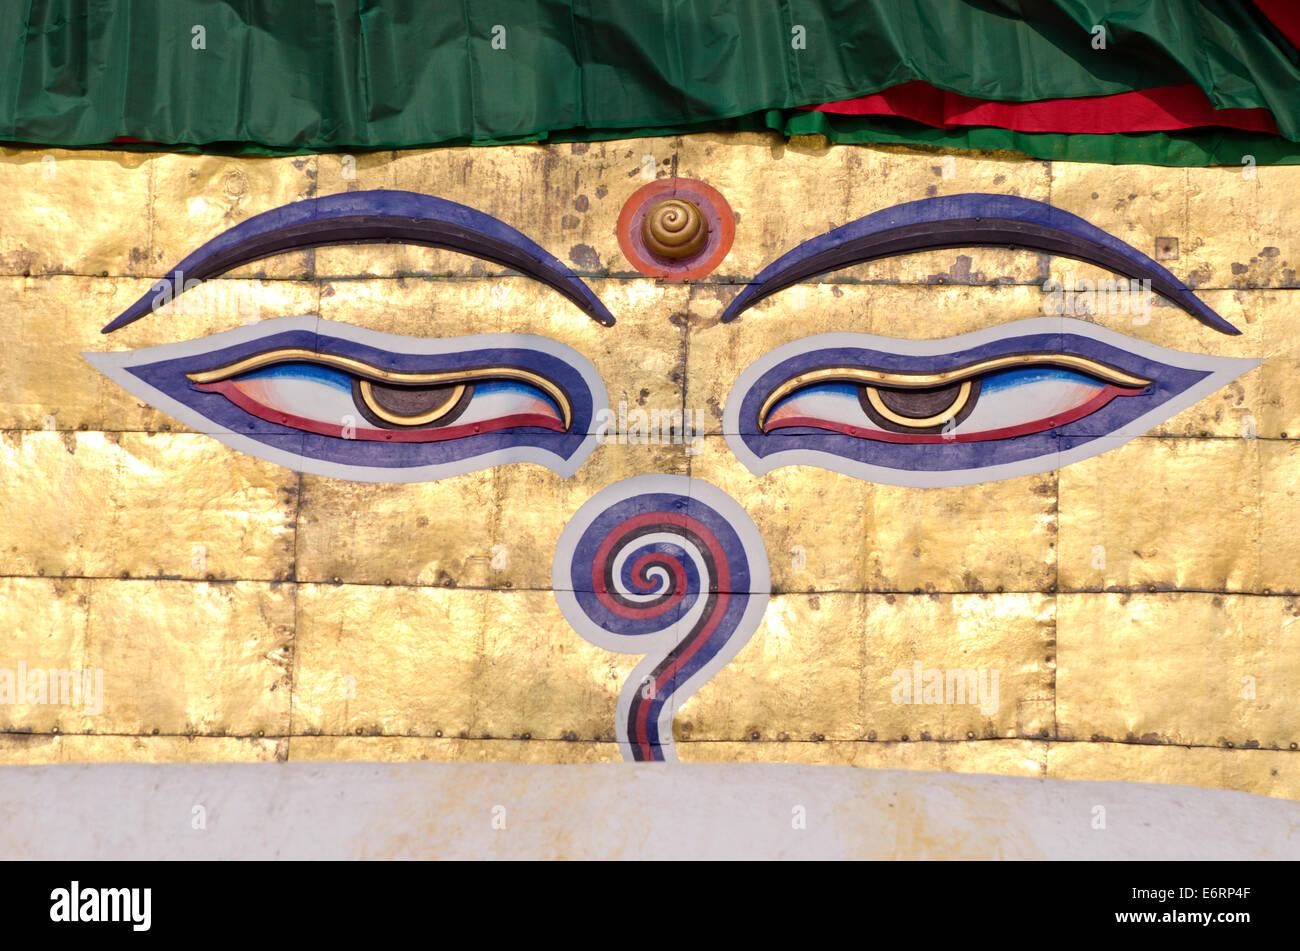 buddha wisdom eyes on stupa of Nepal swayambhunath temple, Kathmandu - Stock Image